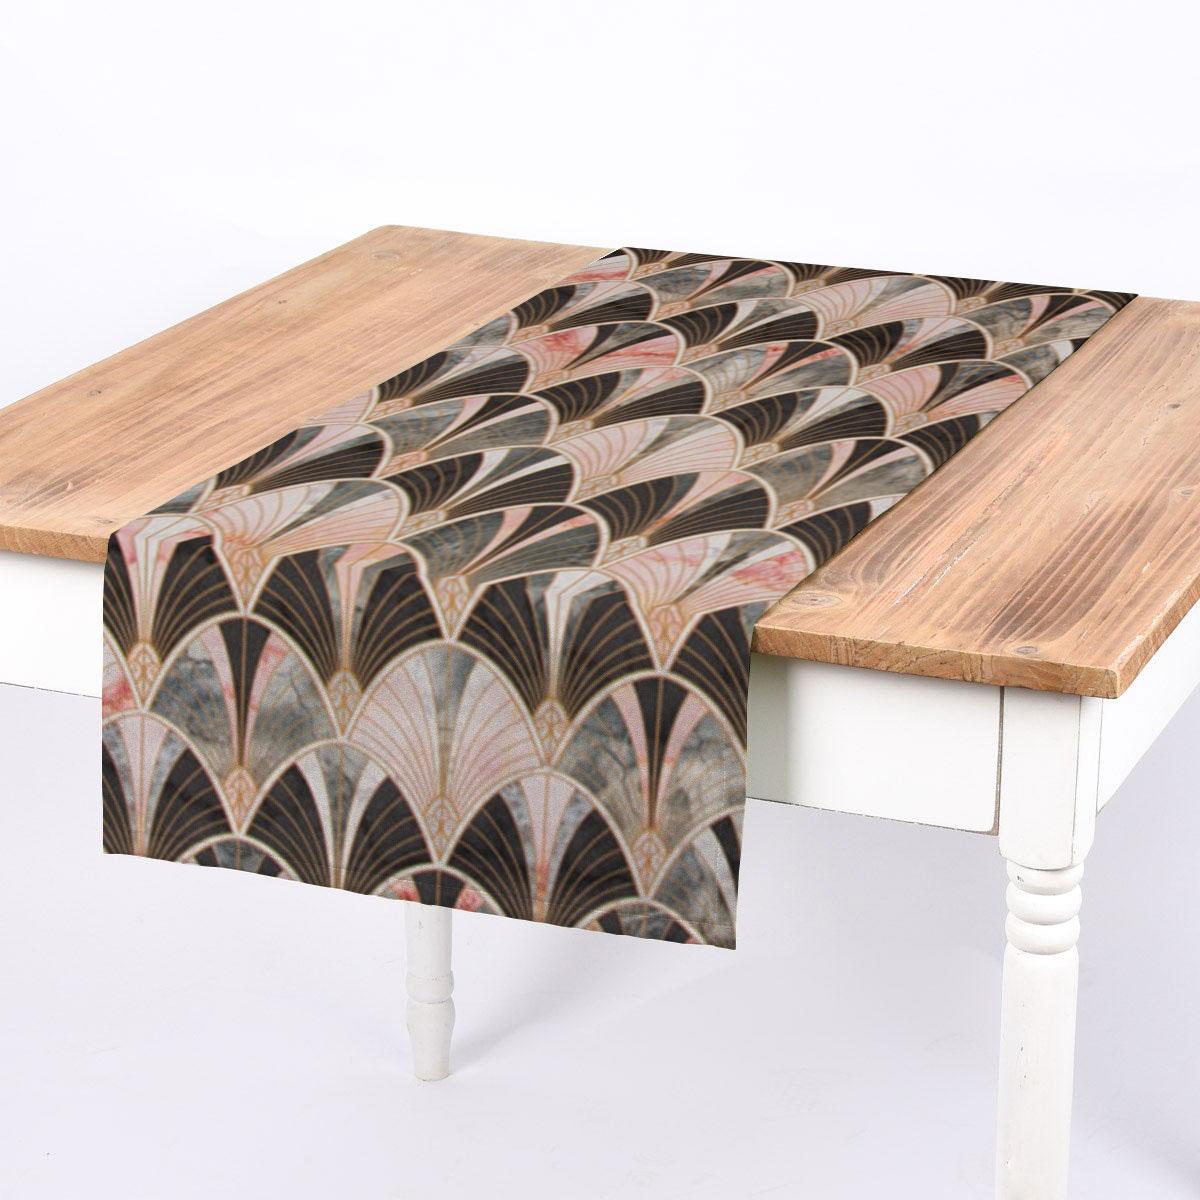 SCHÖNER LEBEN. Tischläufer Art Deco Bogen Marmor grün rosa braun 40x160cm